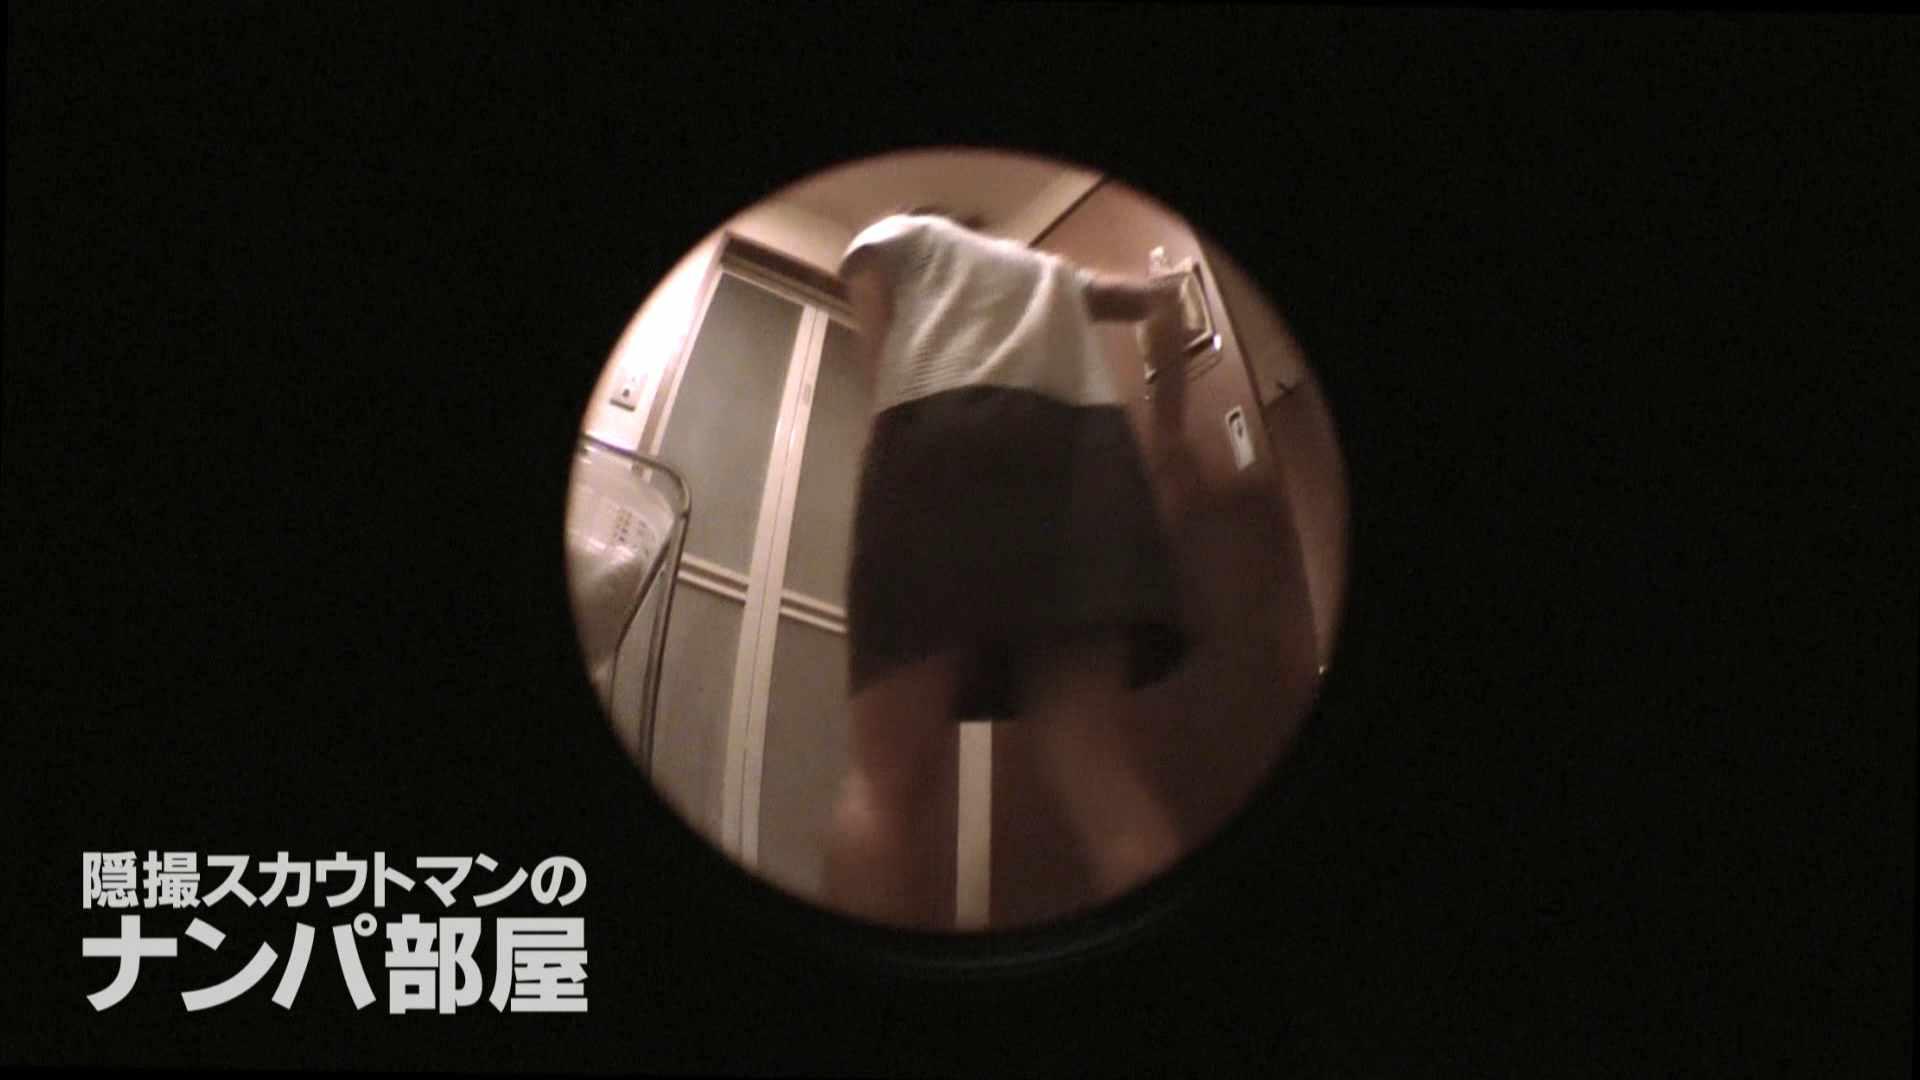 隠撮スカウトマンのナンパ部屋~風俗デビュー前のつまみ食い~ siivol.3 ナンパ  90連発 73